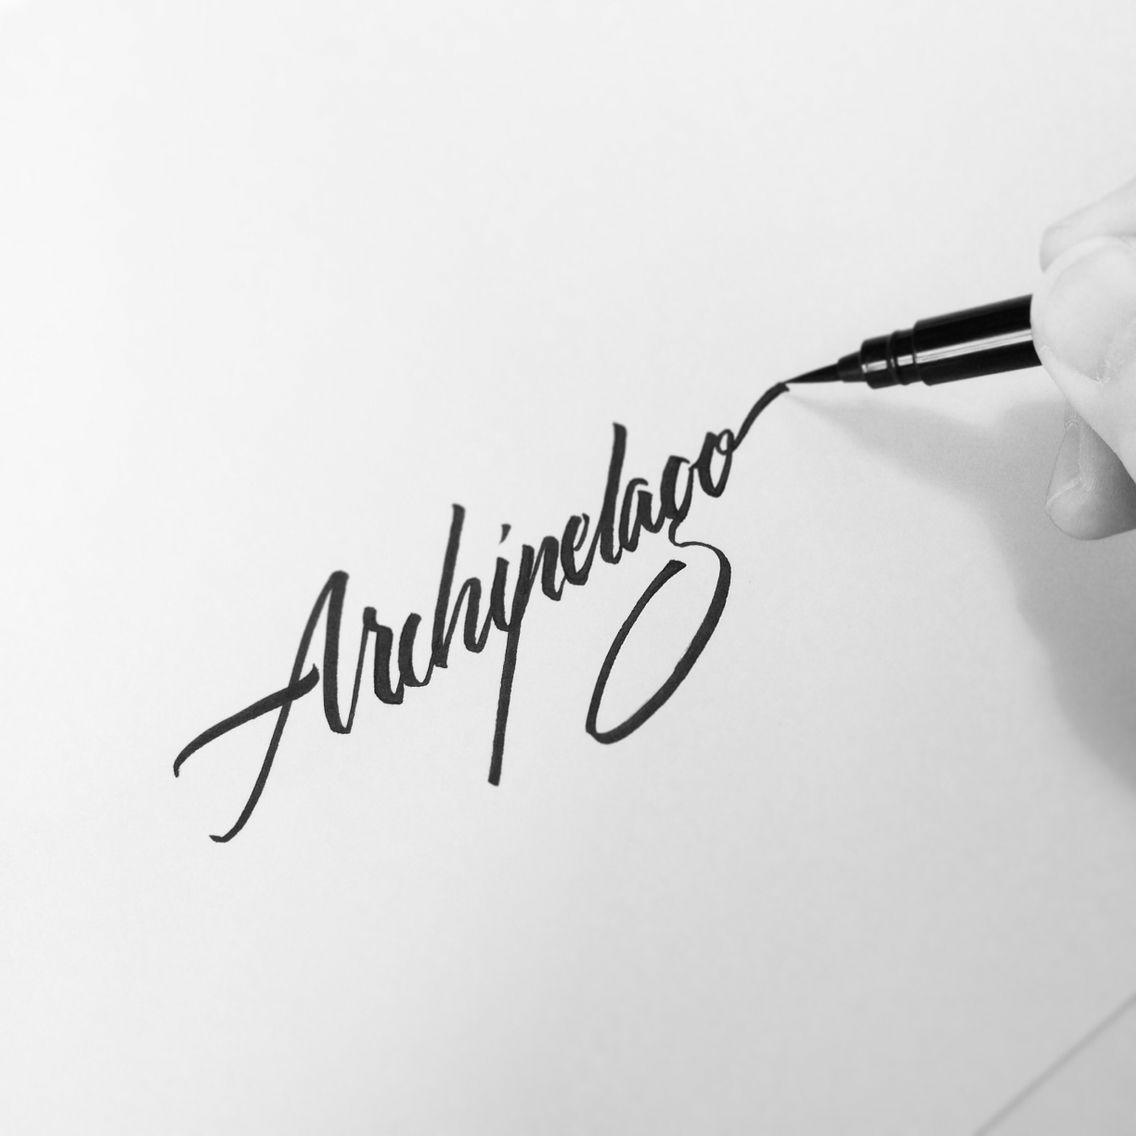 Archipelago. #makedaily #brushscript #brushpen #typographyinspired #inking #ink #lettering #handstyles #script #thedailytype #caligrafia #graffiti #showusyourtype #graphicdesign #goodtype #typedaily #typespire #thedailytype #handmadefont #art #handmade #pentelbrushpen #pentel #art